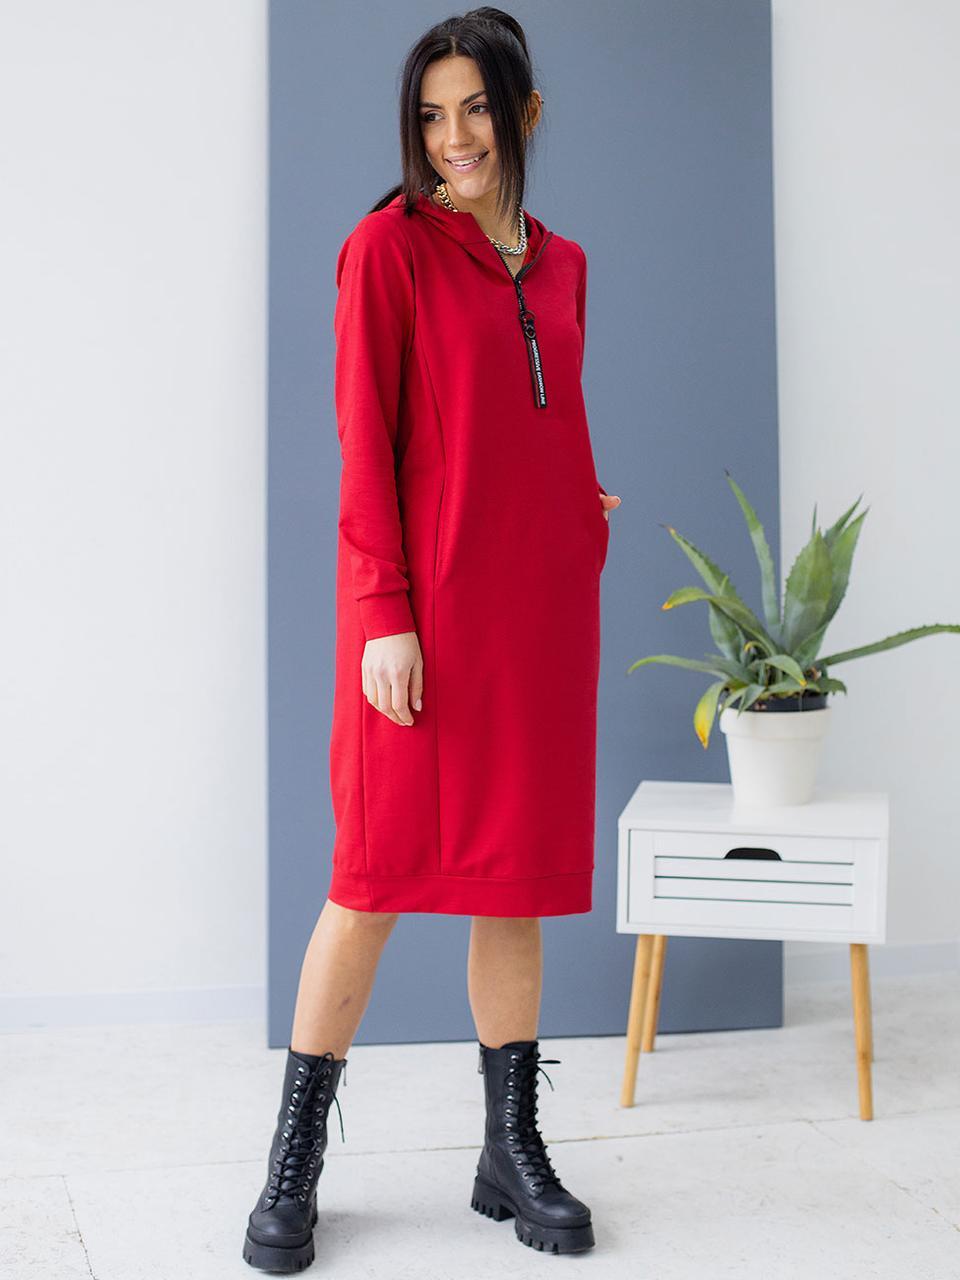 Спортивное платье-худи с капюшоном красного цвета. Модель 3149. Размеры 44-50